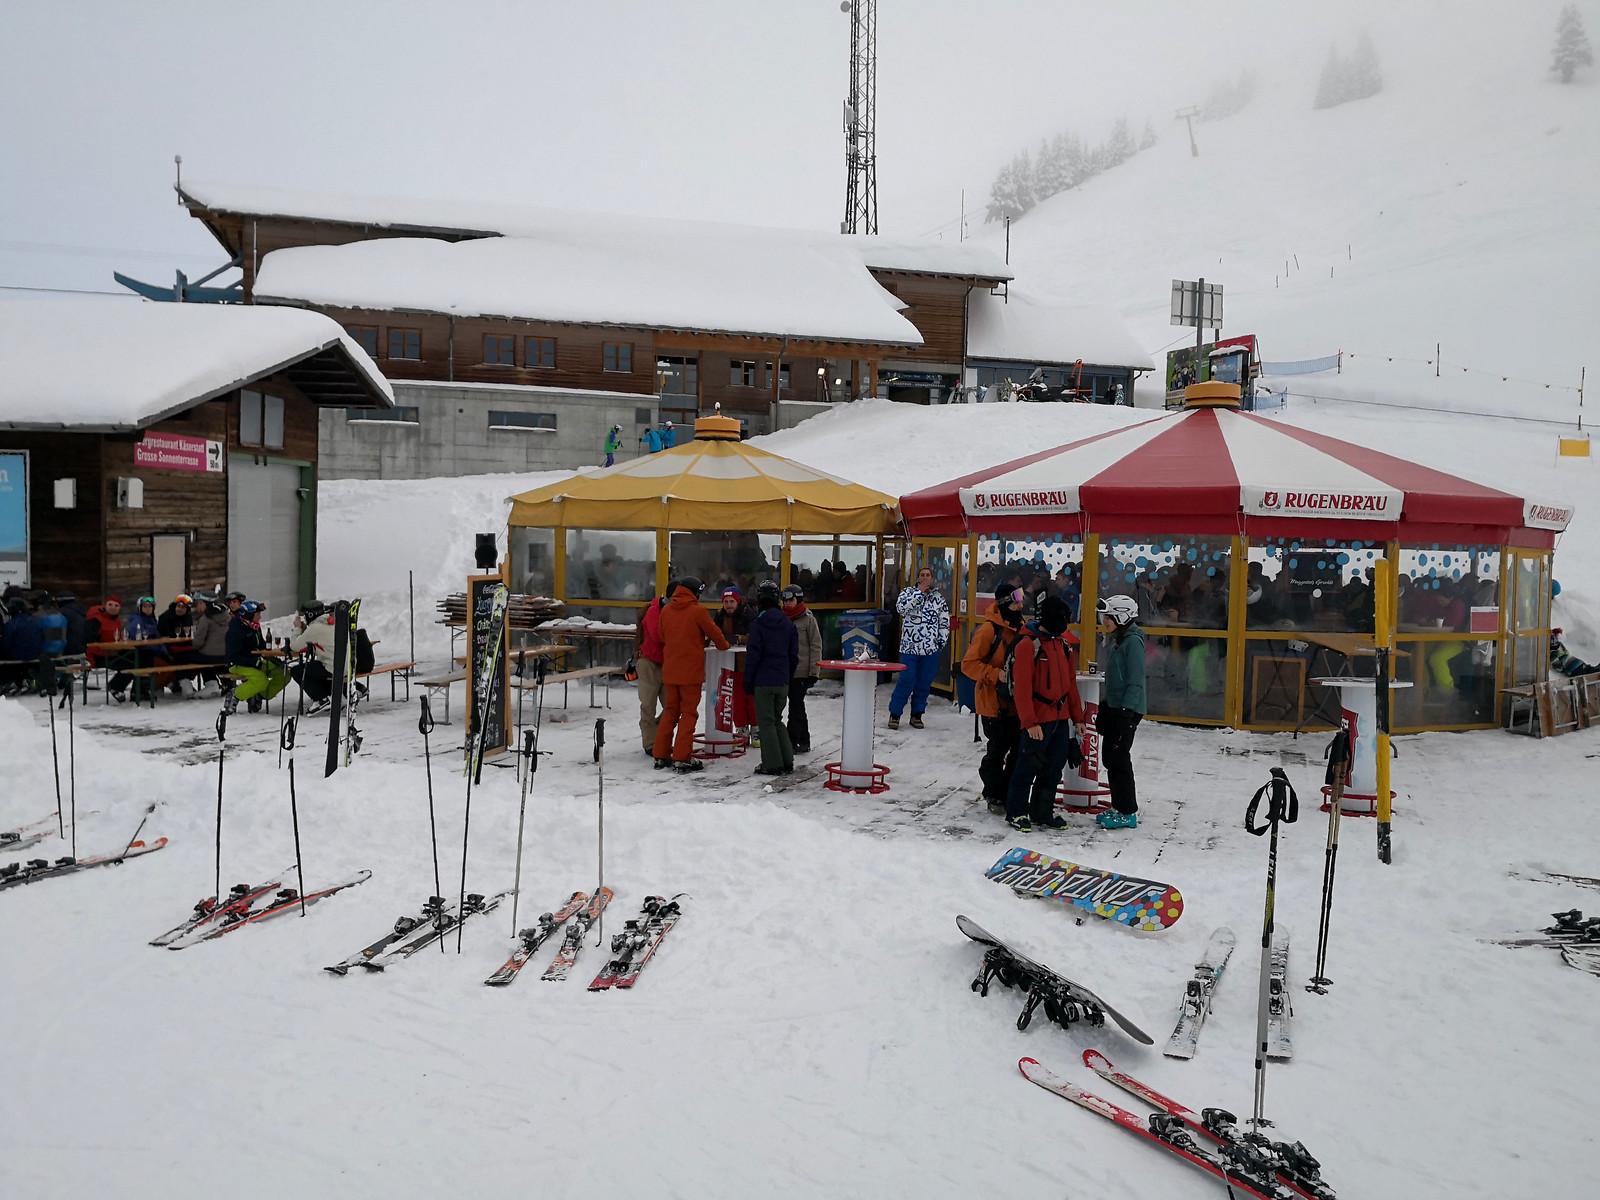 Aprés-ski at Käserstatt